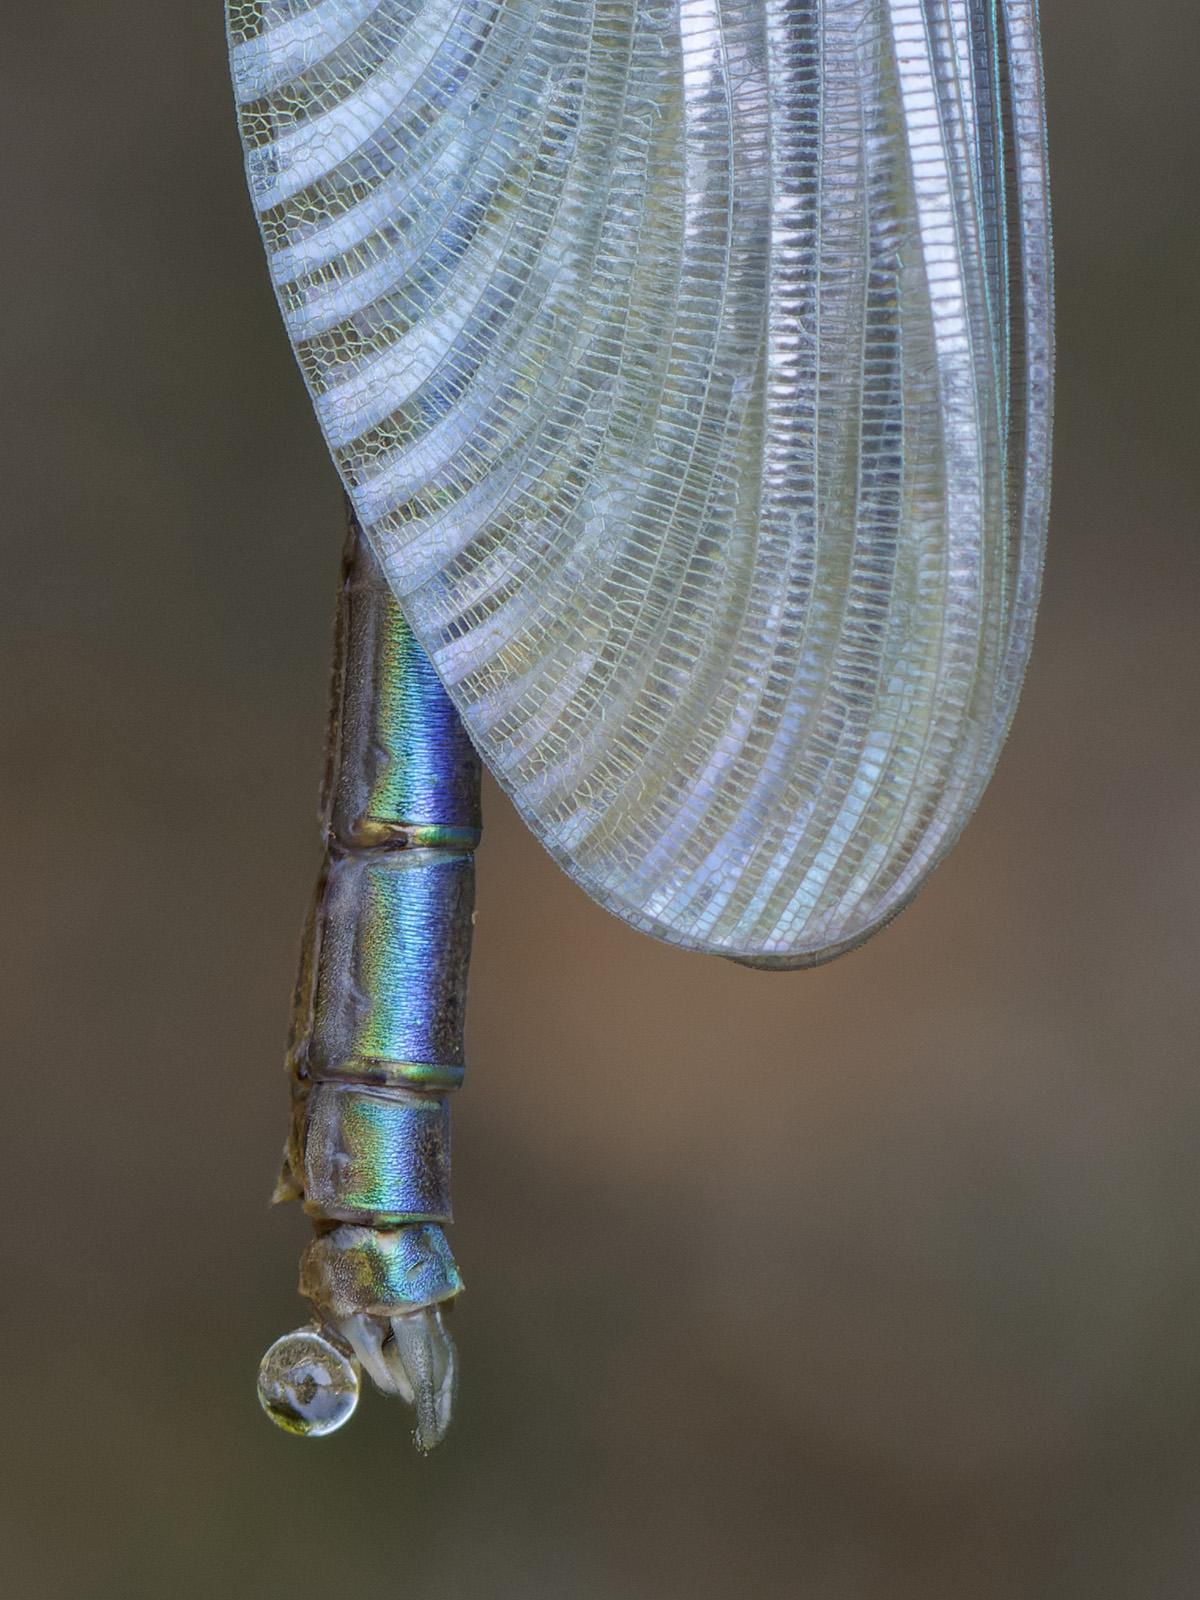 Calopteryx s. splendens, male emerging detail